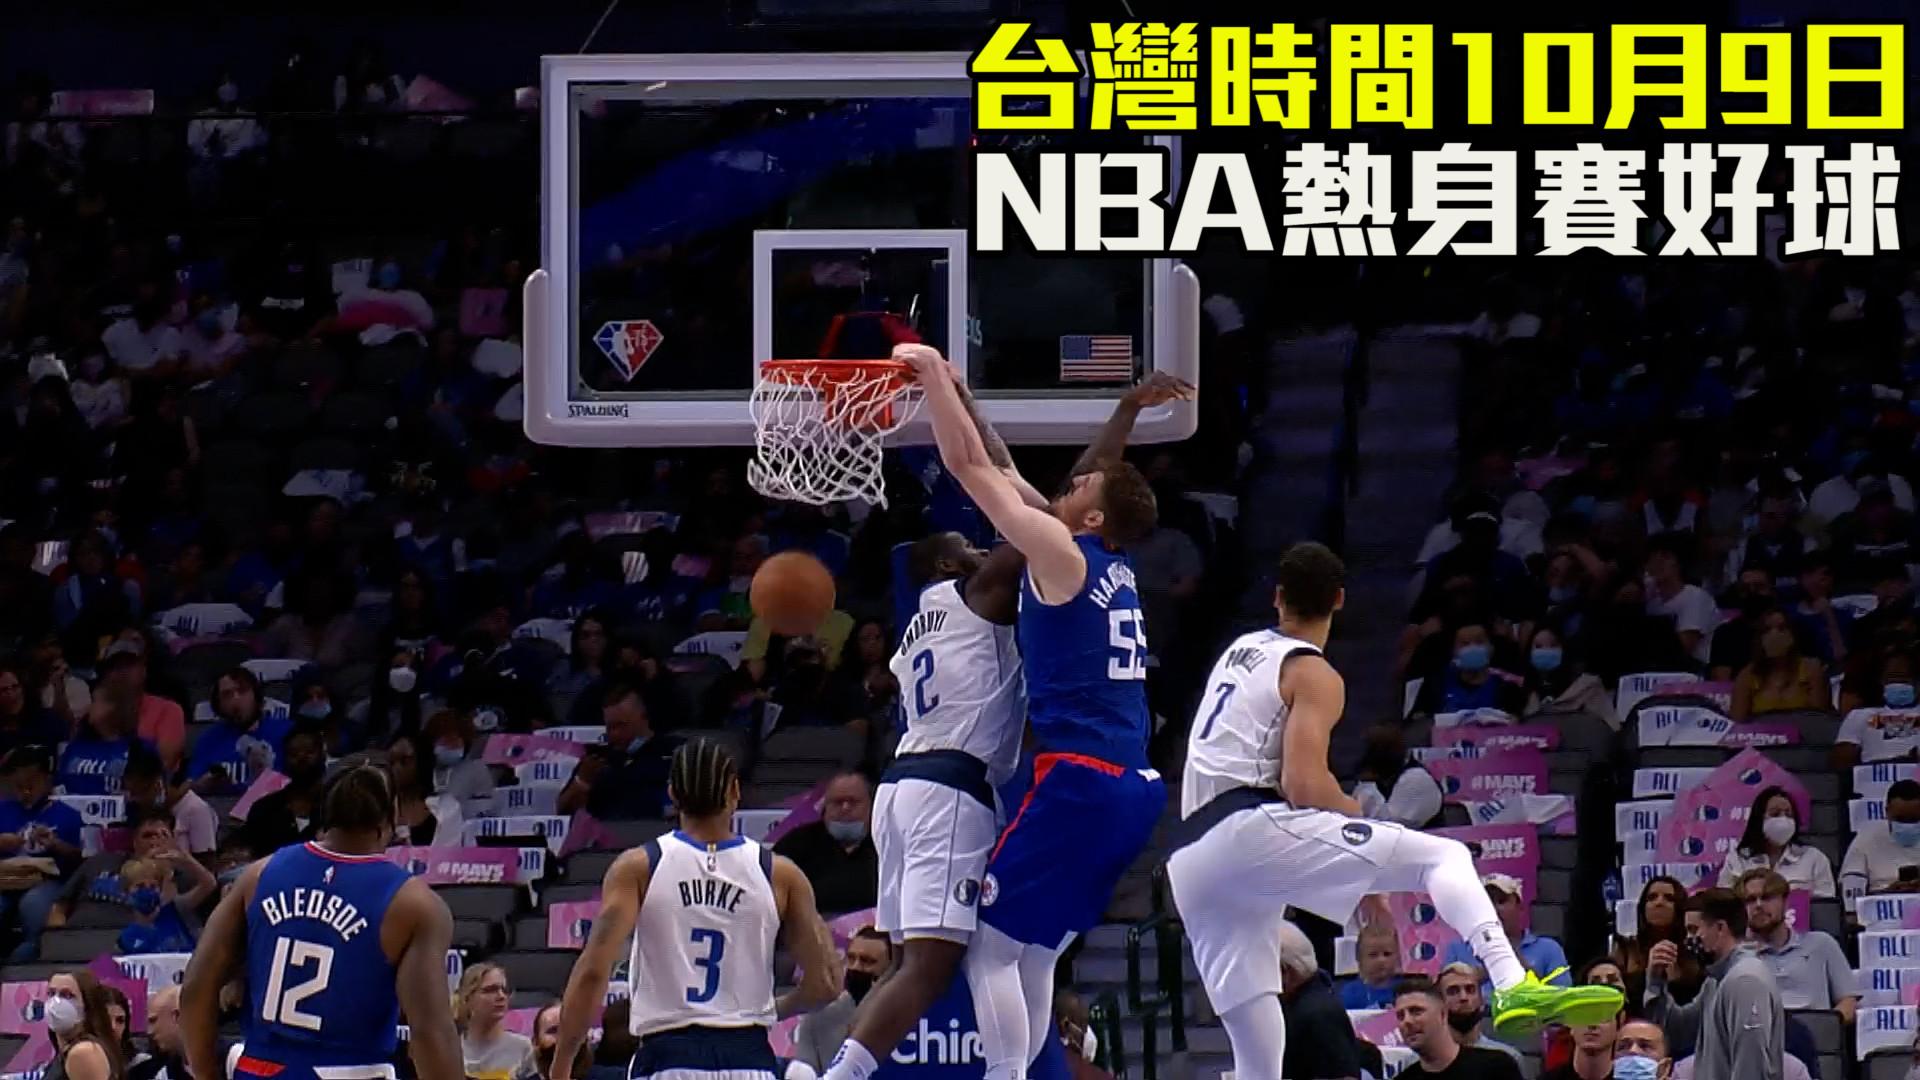 台灣時間10月9日 NBA熱身賽十大好球